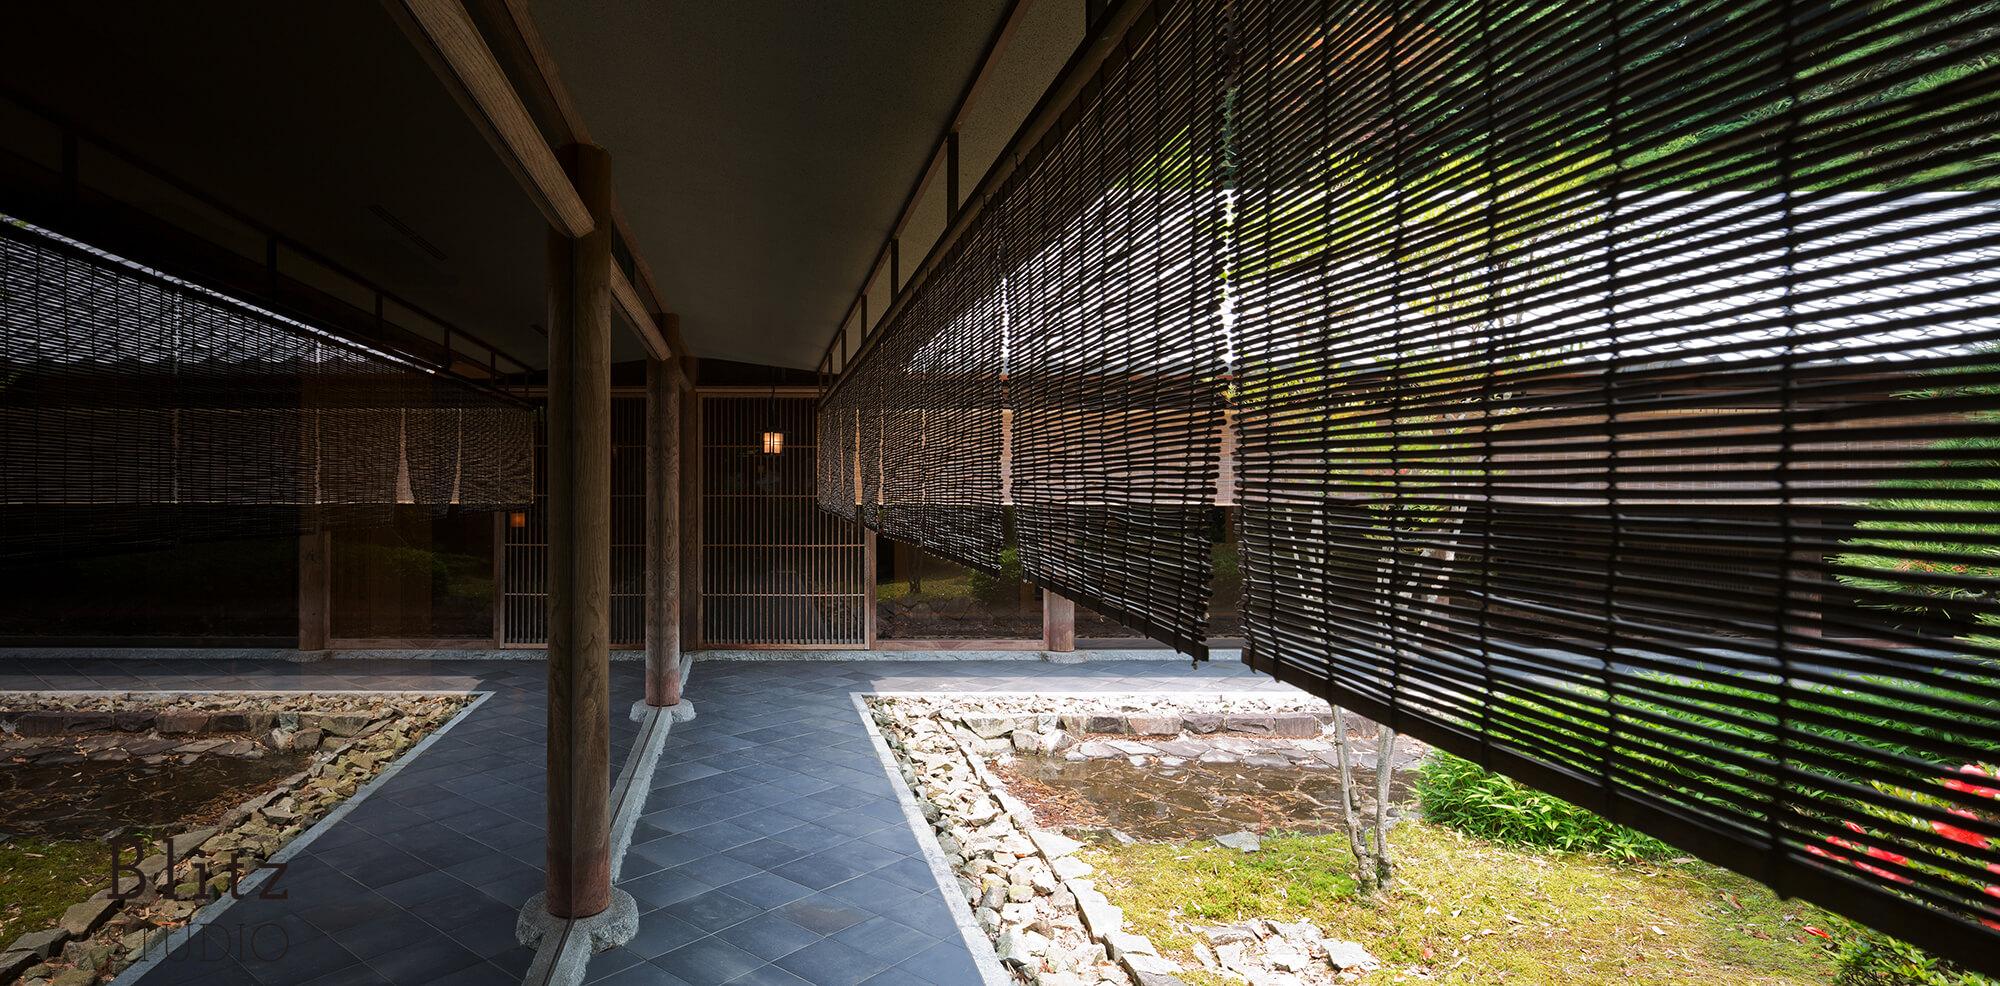 『宗像名残荘』建築写真・竣工写真・インテリア写真20